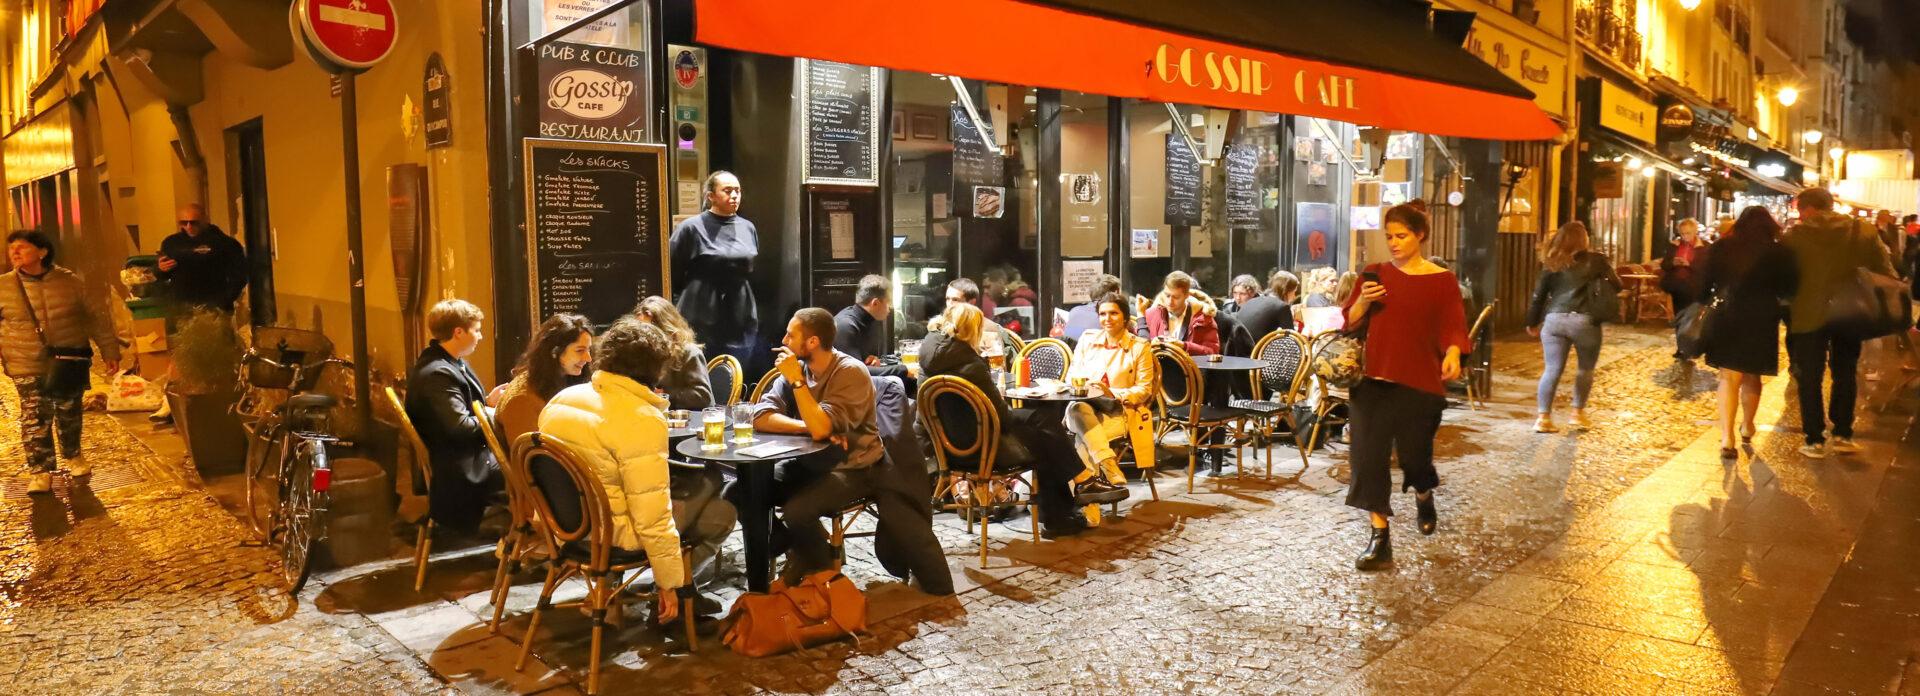 utdrikningslag Paris jenter gutter damer byen uteliv tips gode